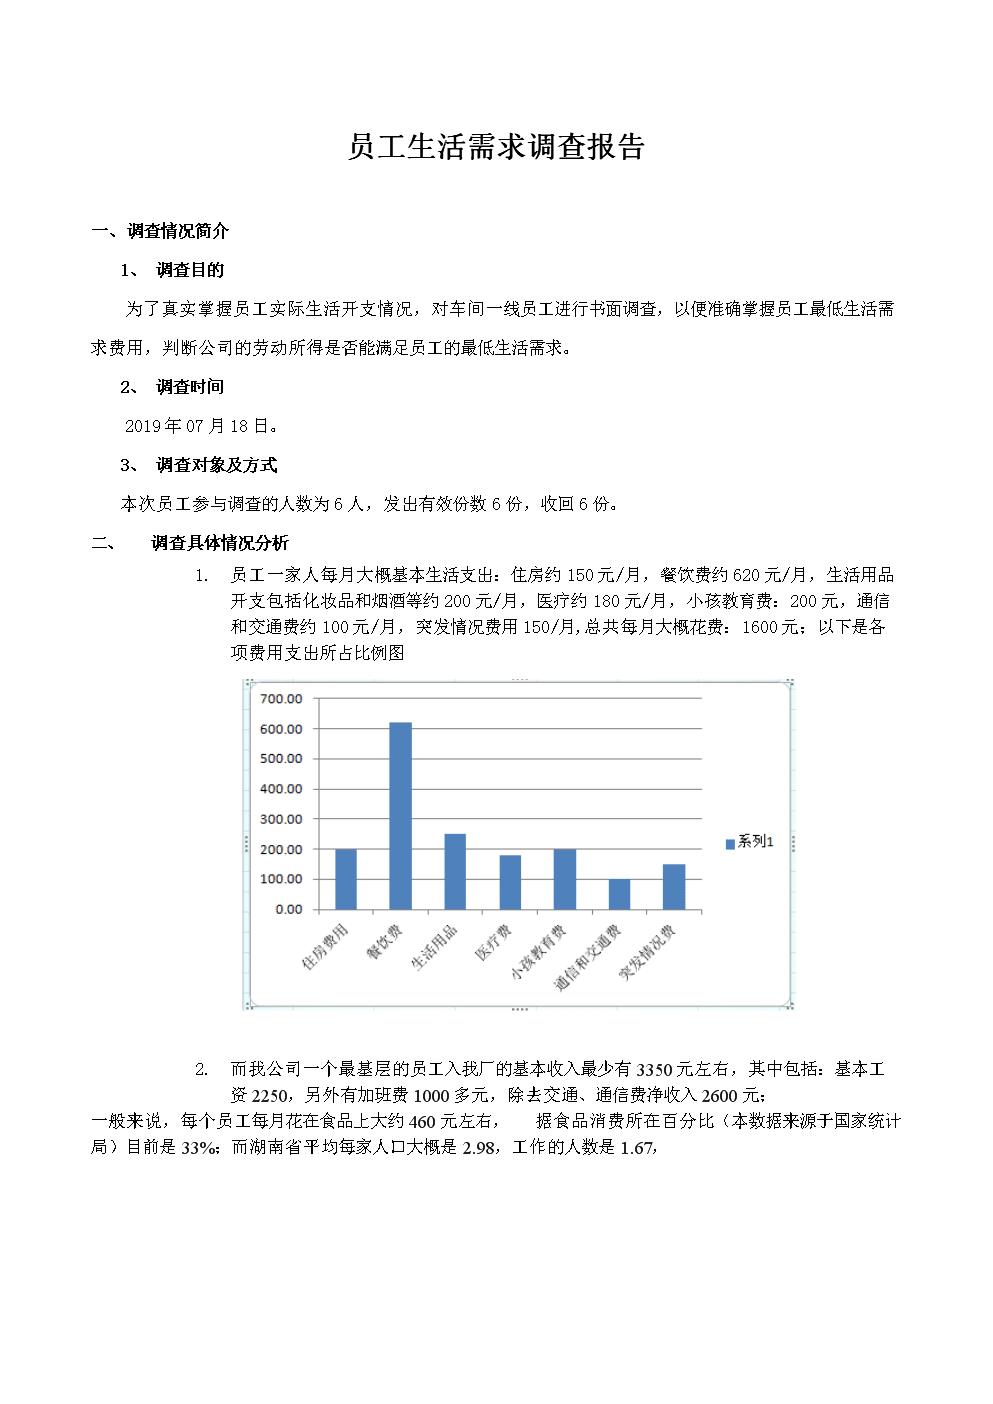 2019年员工生活需求调查报告.doc